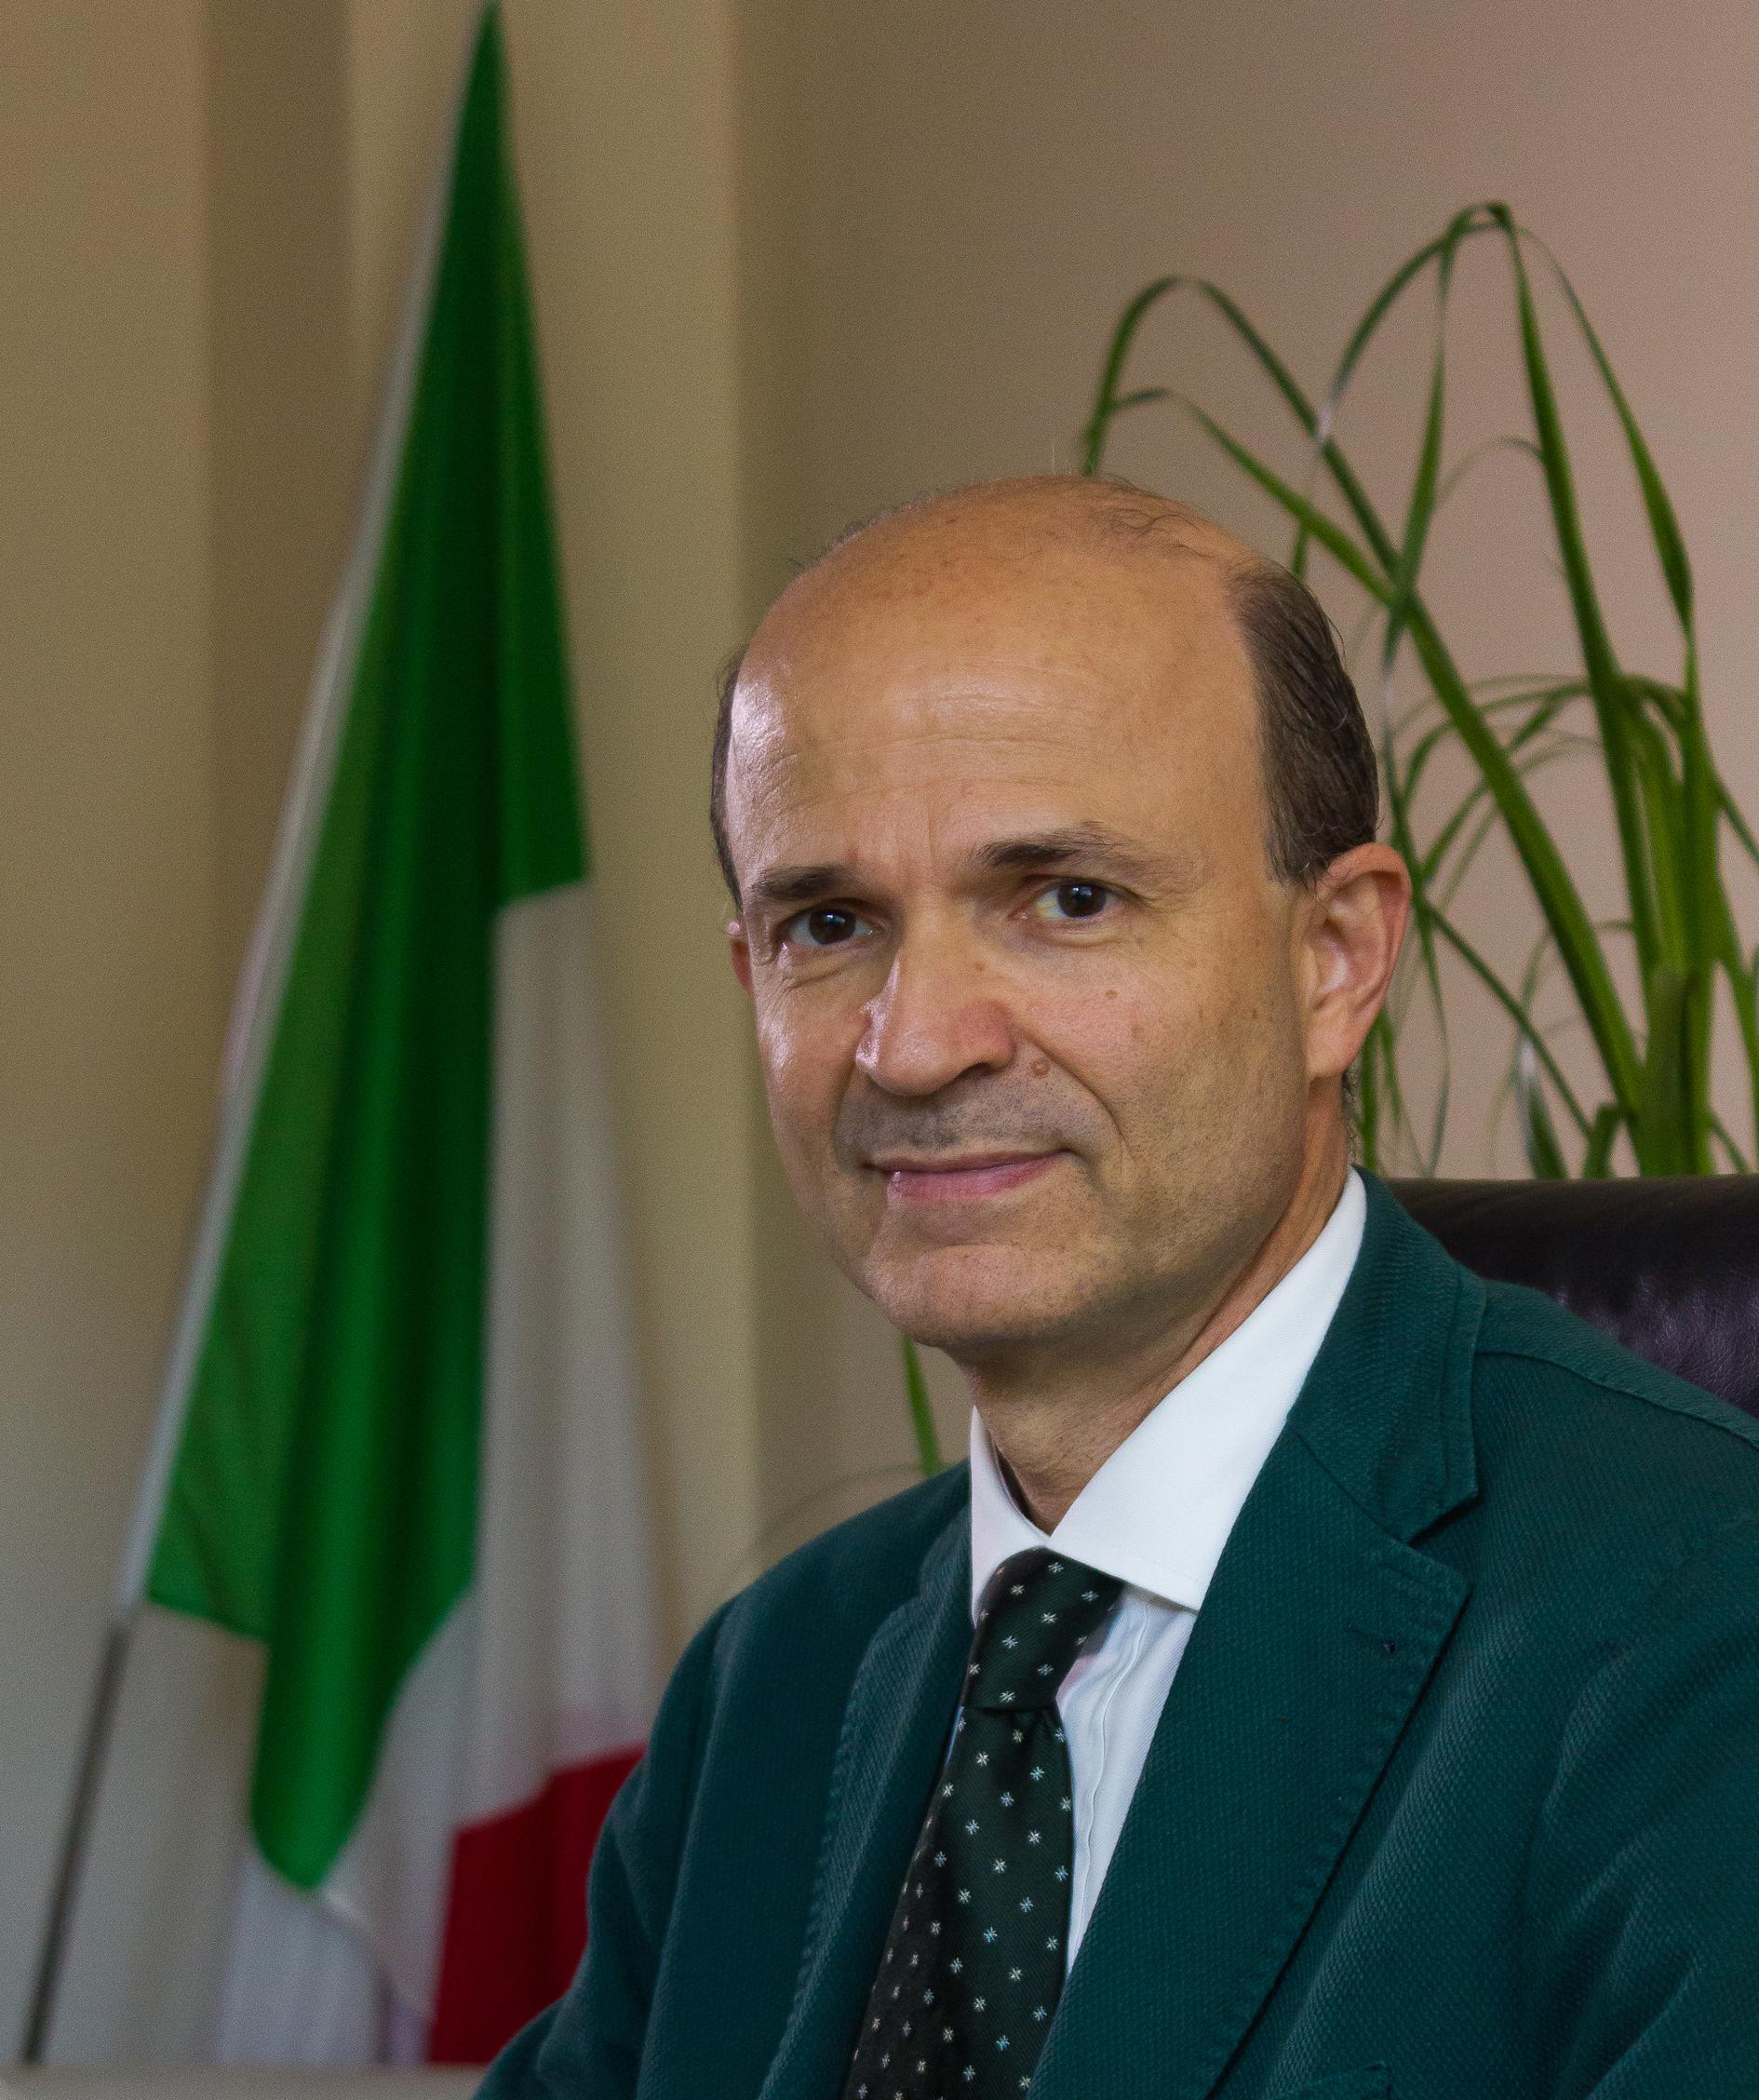 Pietro Cataldi